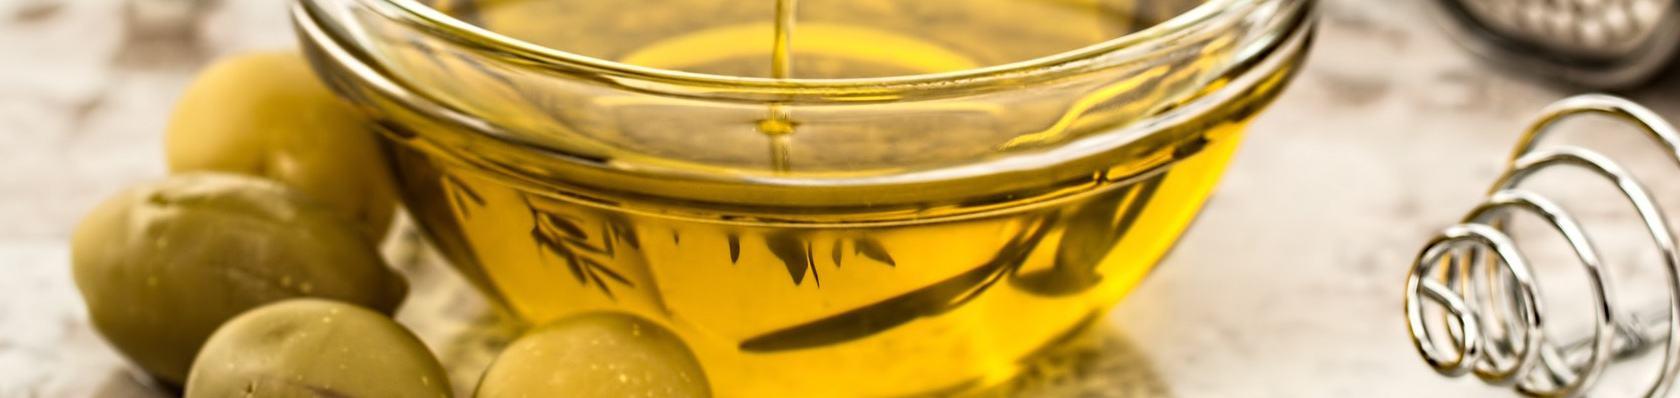 Olivenöl Shops im Test auf ExpertenTesten.de